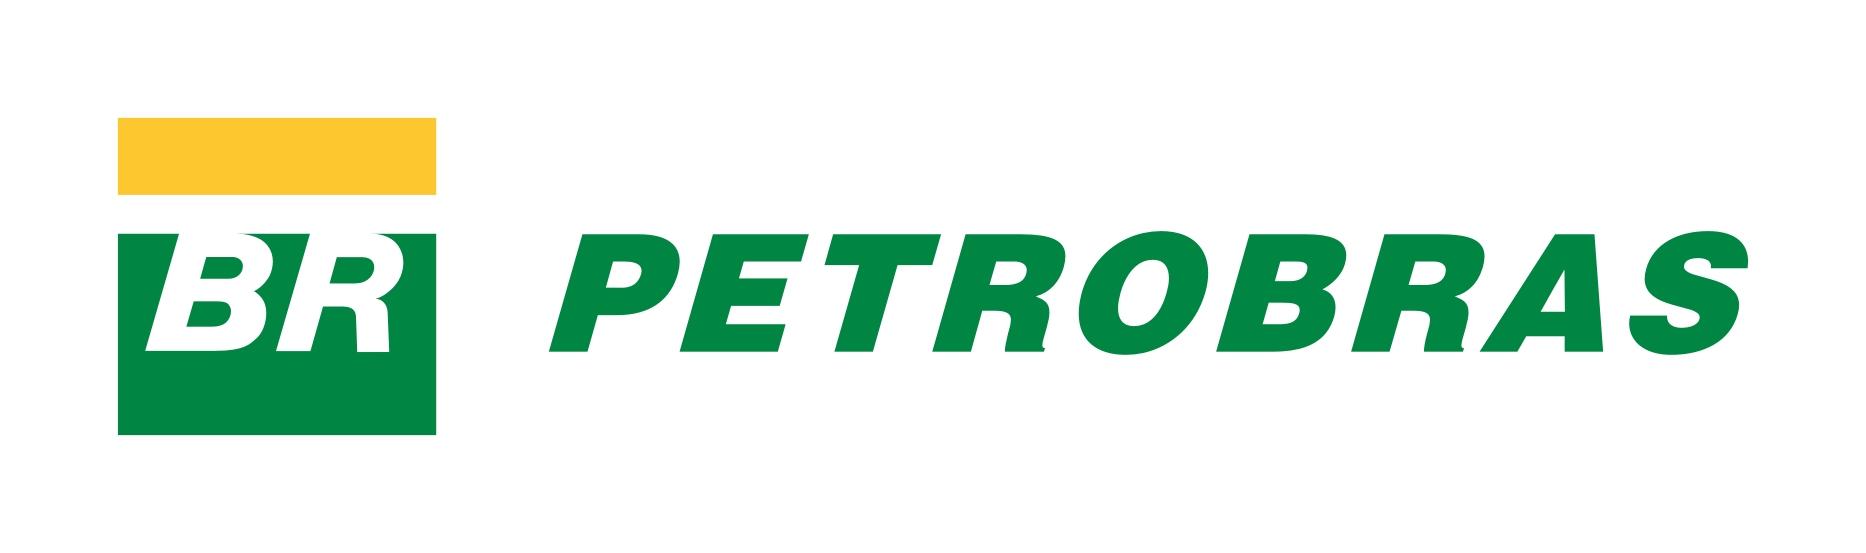 Petrobras: 5.000 bolsas de estudo e 11 mil vagas em cursos